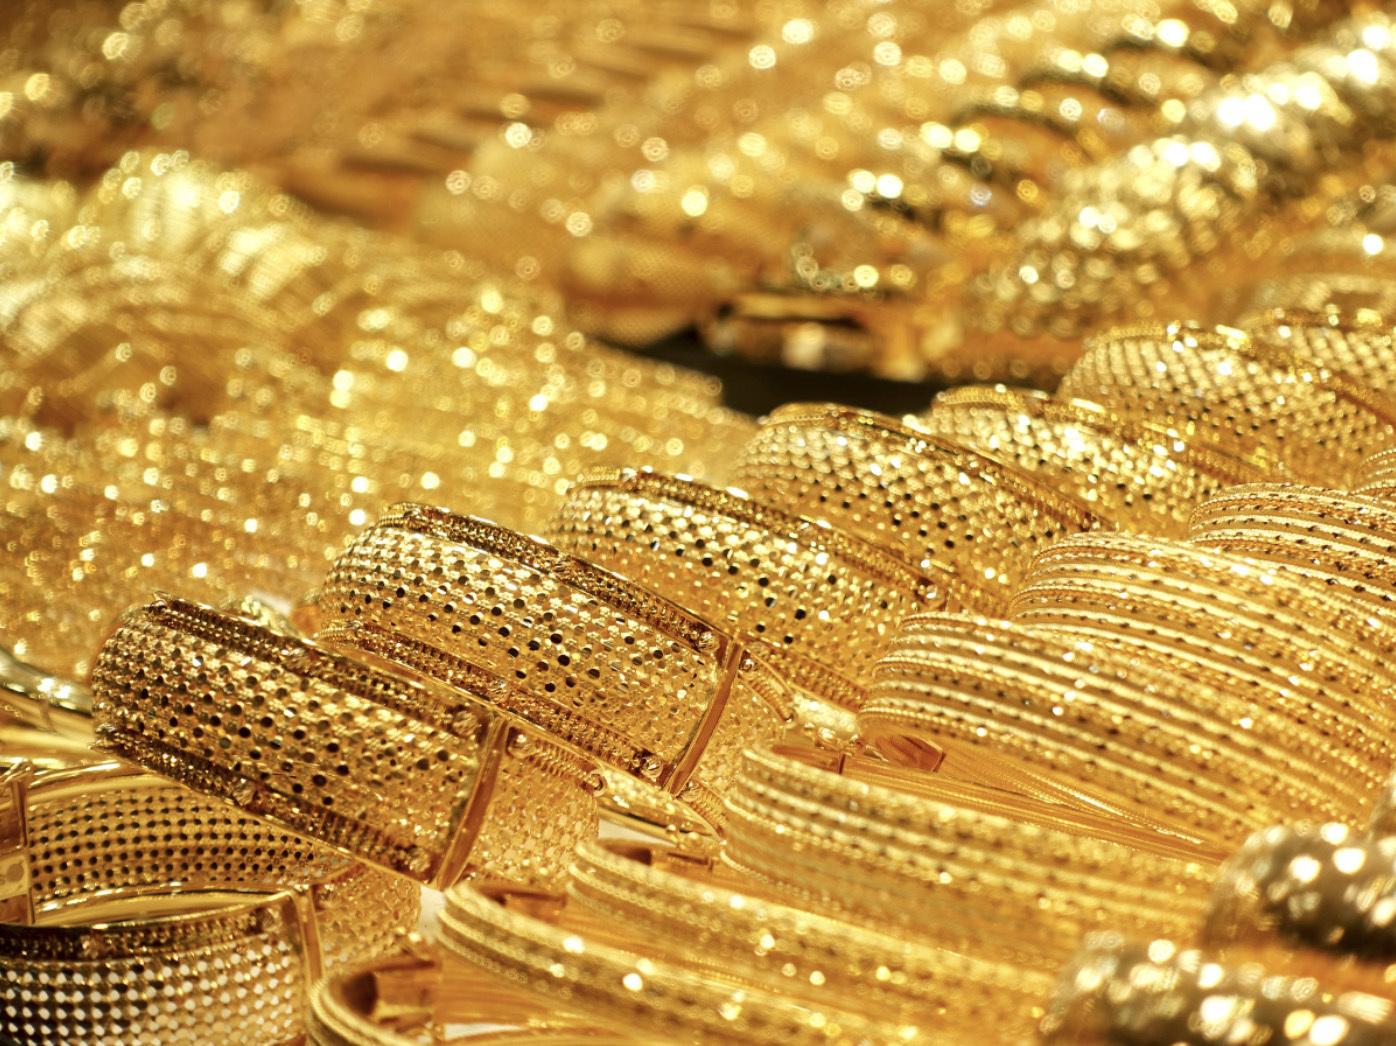 土耳其、杜拜、新加坡、馬來西亞等,具有回教文化的國家偏好高純度金飾,最基本的含金量都有22K金。